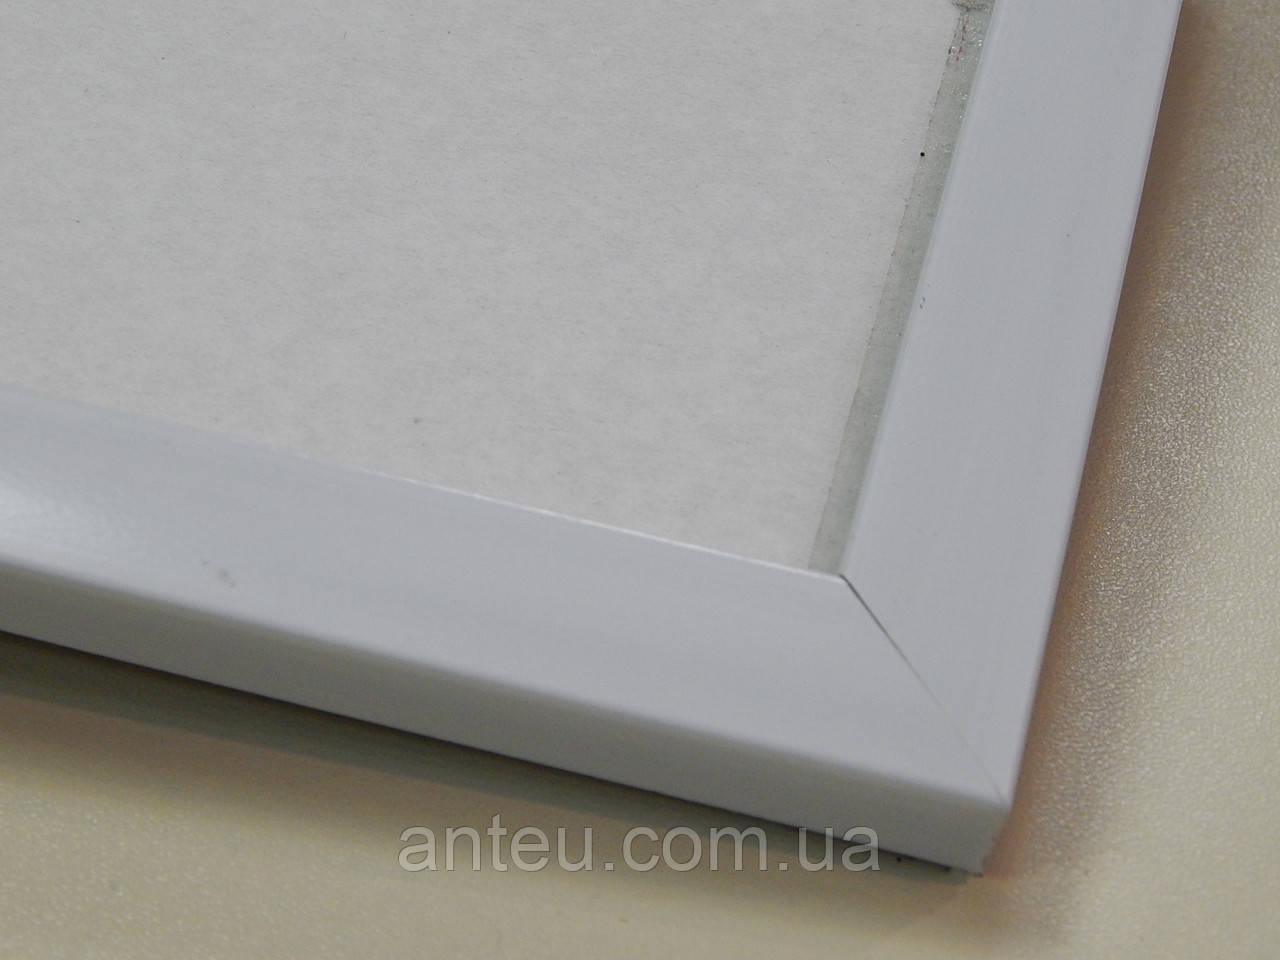 Без стекла.Рамка А2 (420х594).белый  матовый.22 мм.Пластик.